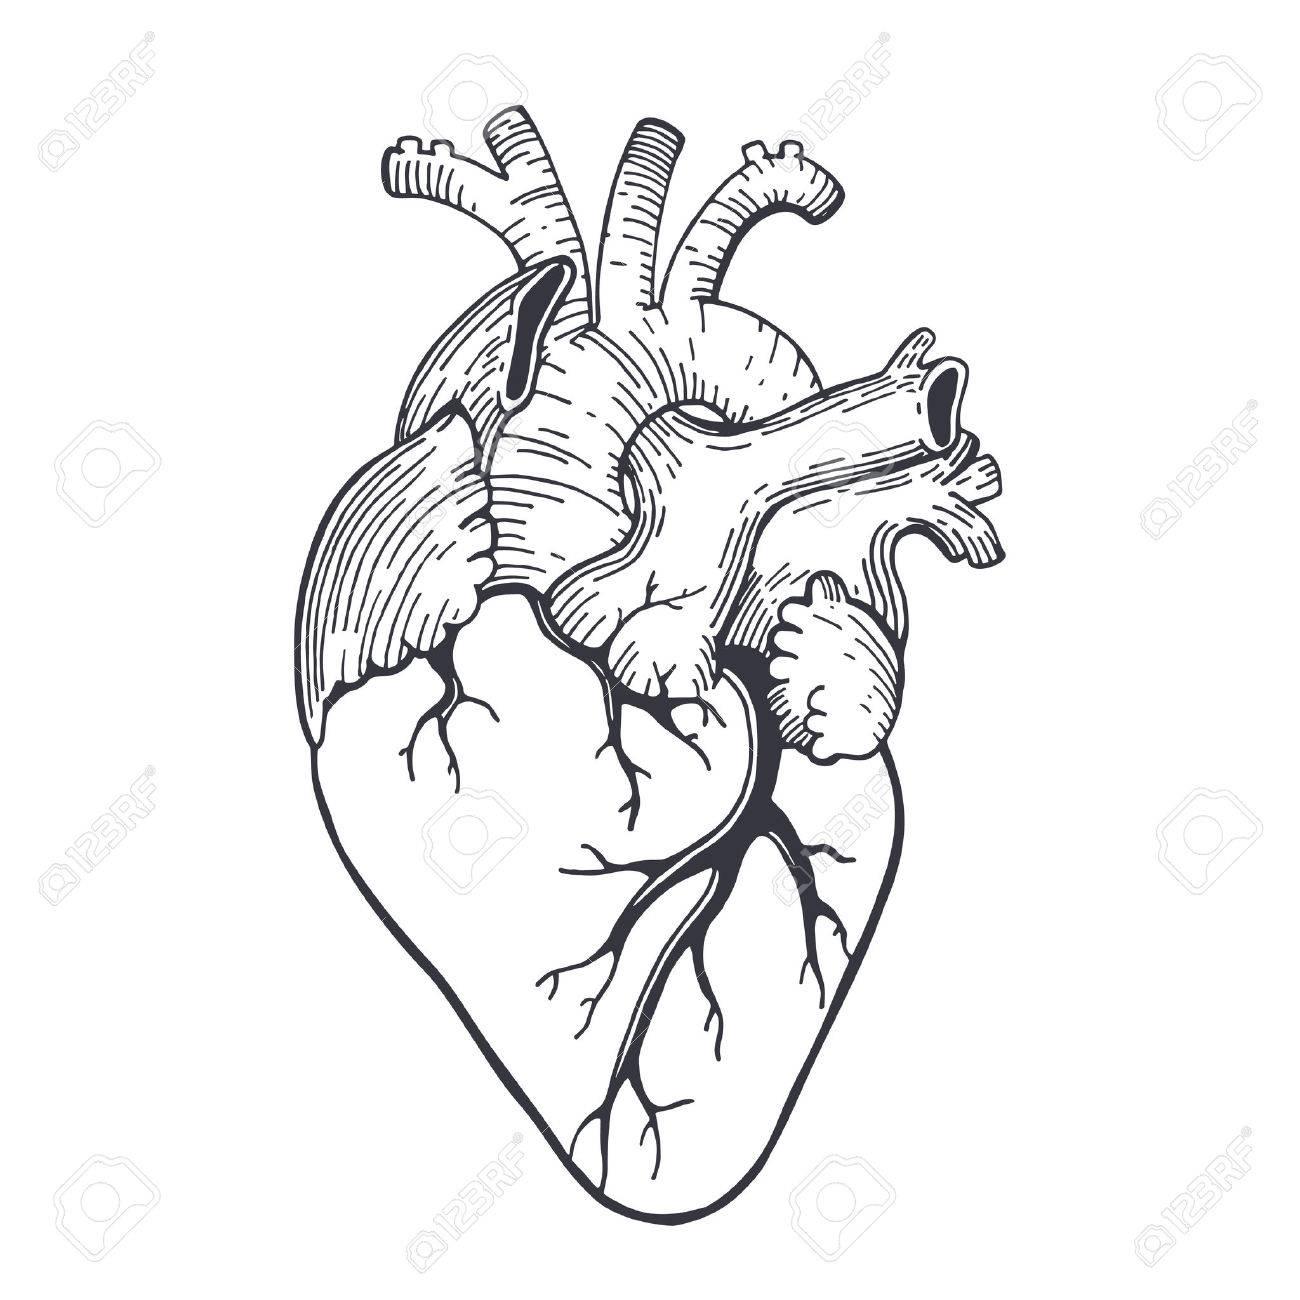 Realistic Human Heart Drawing At Getdrawings